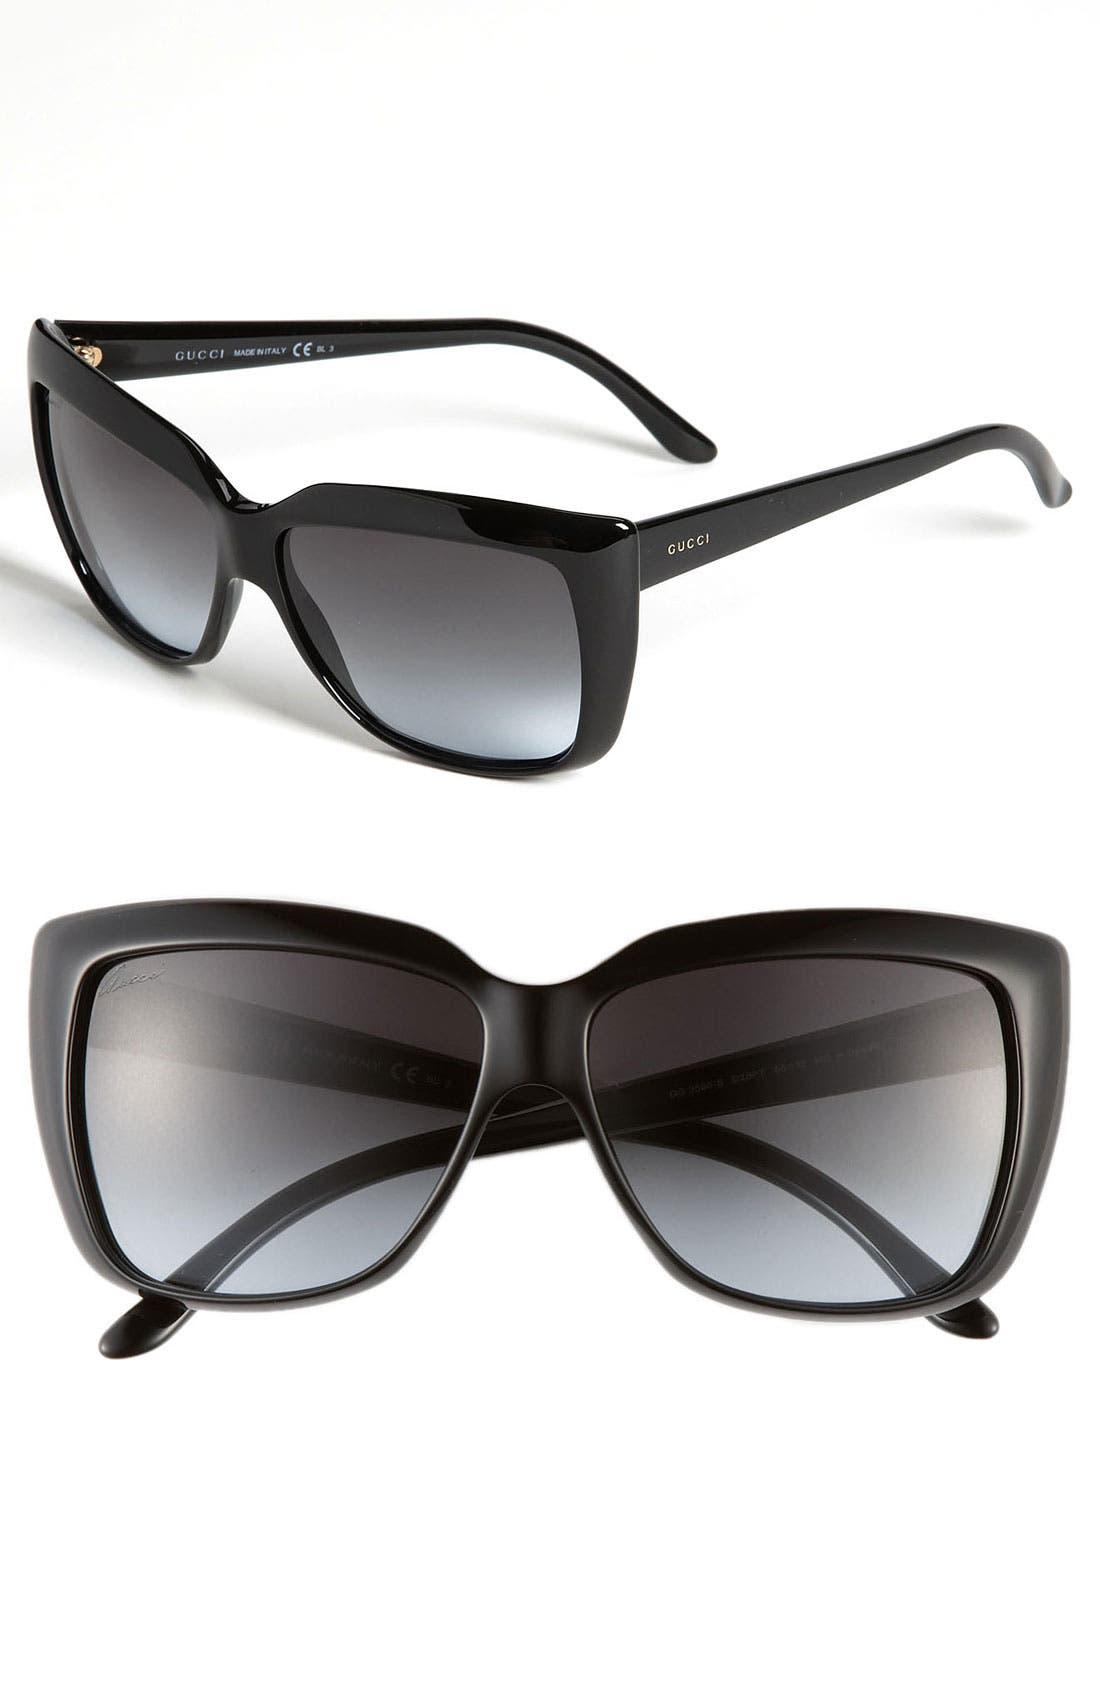 Main Image - Gucci 58mm Retro Sunglasses